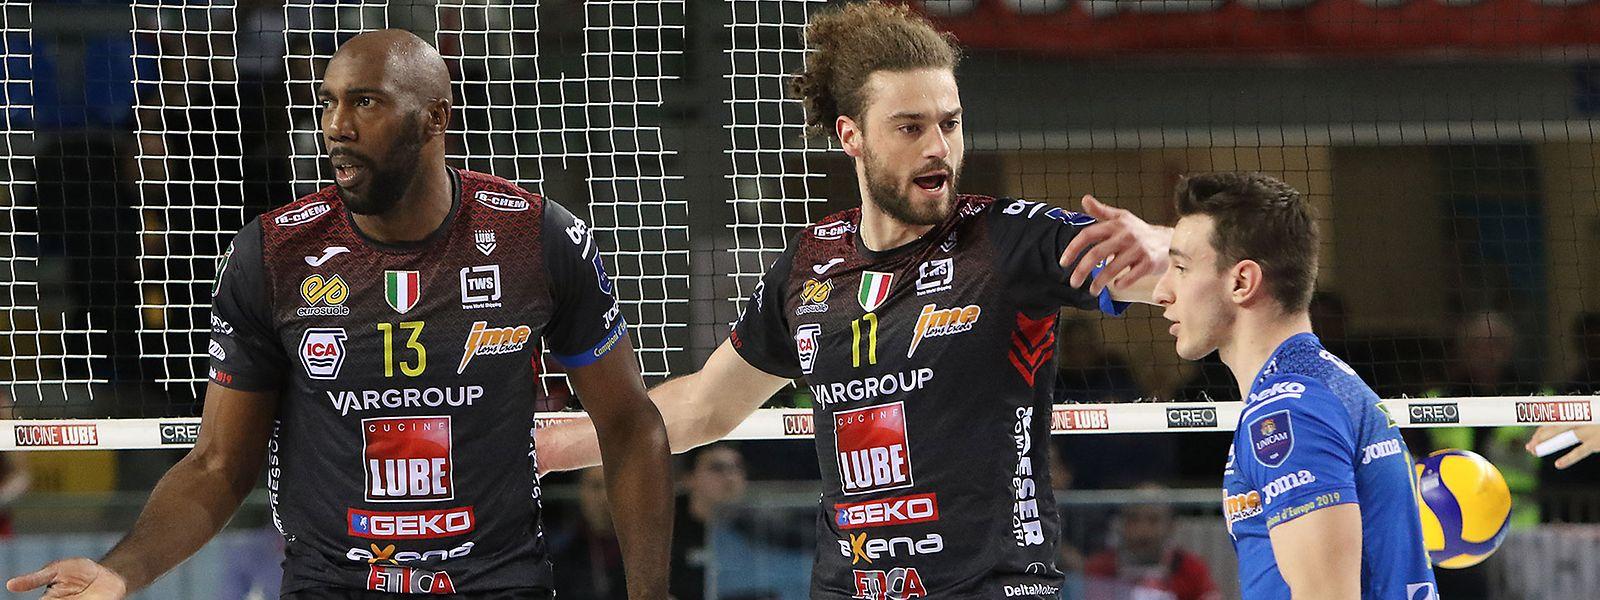 Kamil Rychlicki (Mitte) und seine Teamkollegen müssen erst einmal abwarten.